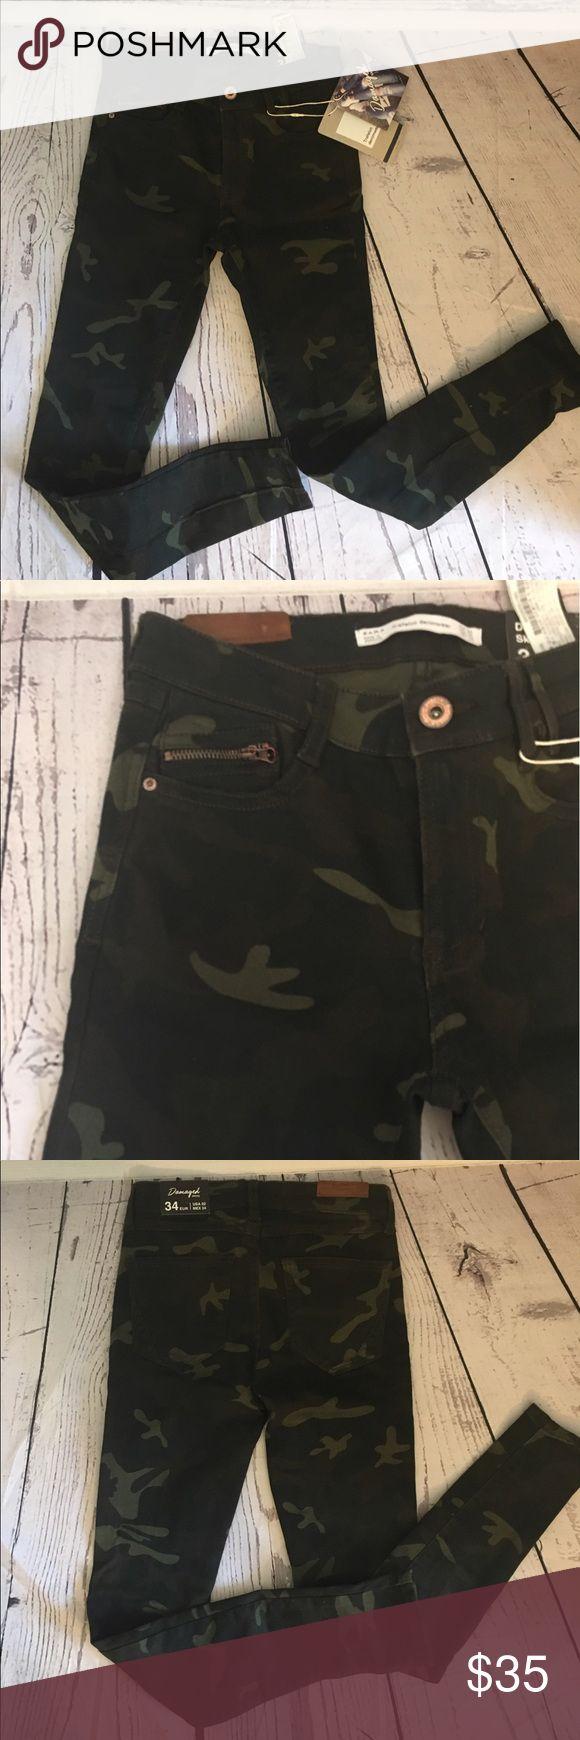 NWT Zara camouflage skinny jeans Zara camo jeans in size 2. %98 cotton %2 elastane. Would fit 0-1-2 Zara Jeans Skinny